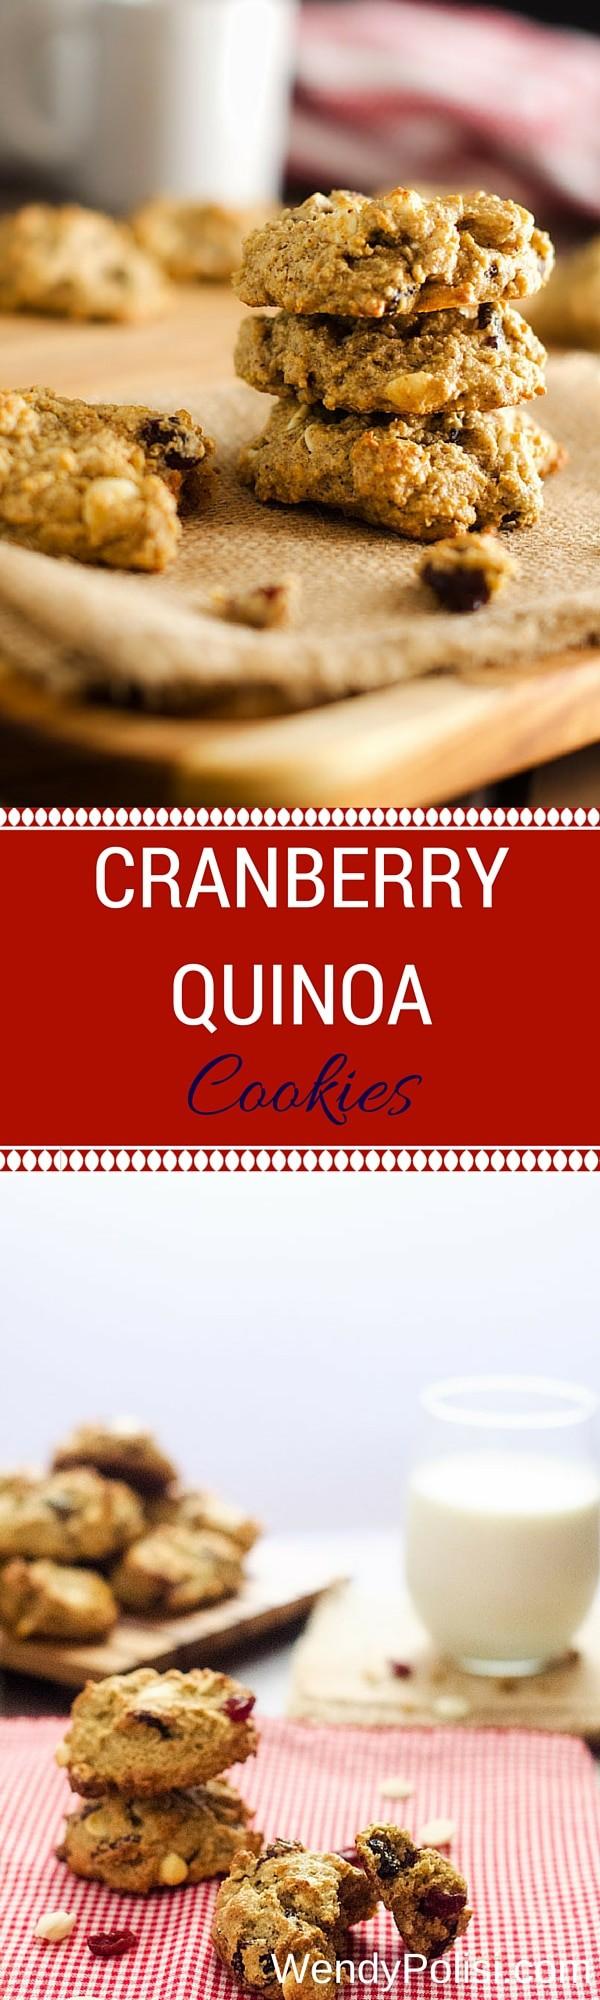 cranberry-quinoa-cookies